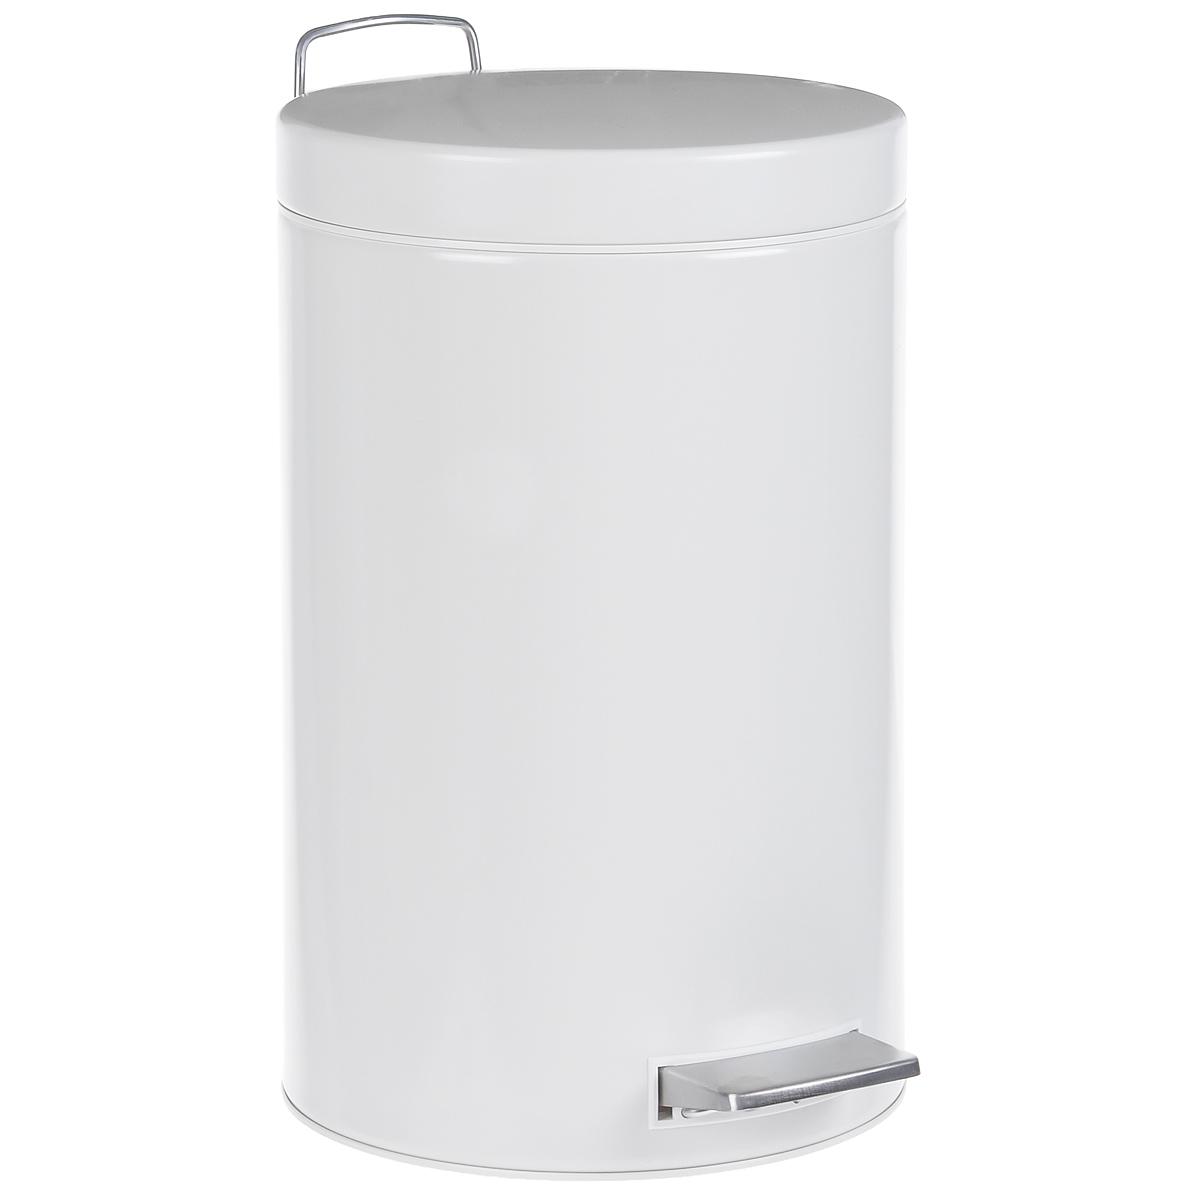 Ведро для мусора  Brabantia , с педалью, цвет: белый, 12 л. 214660 - Инвентарь для уборки